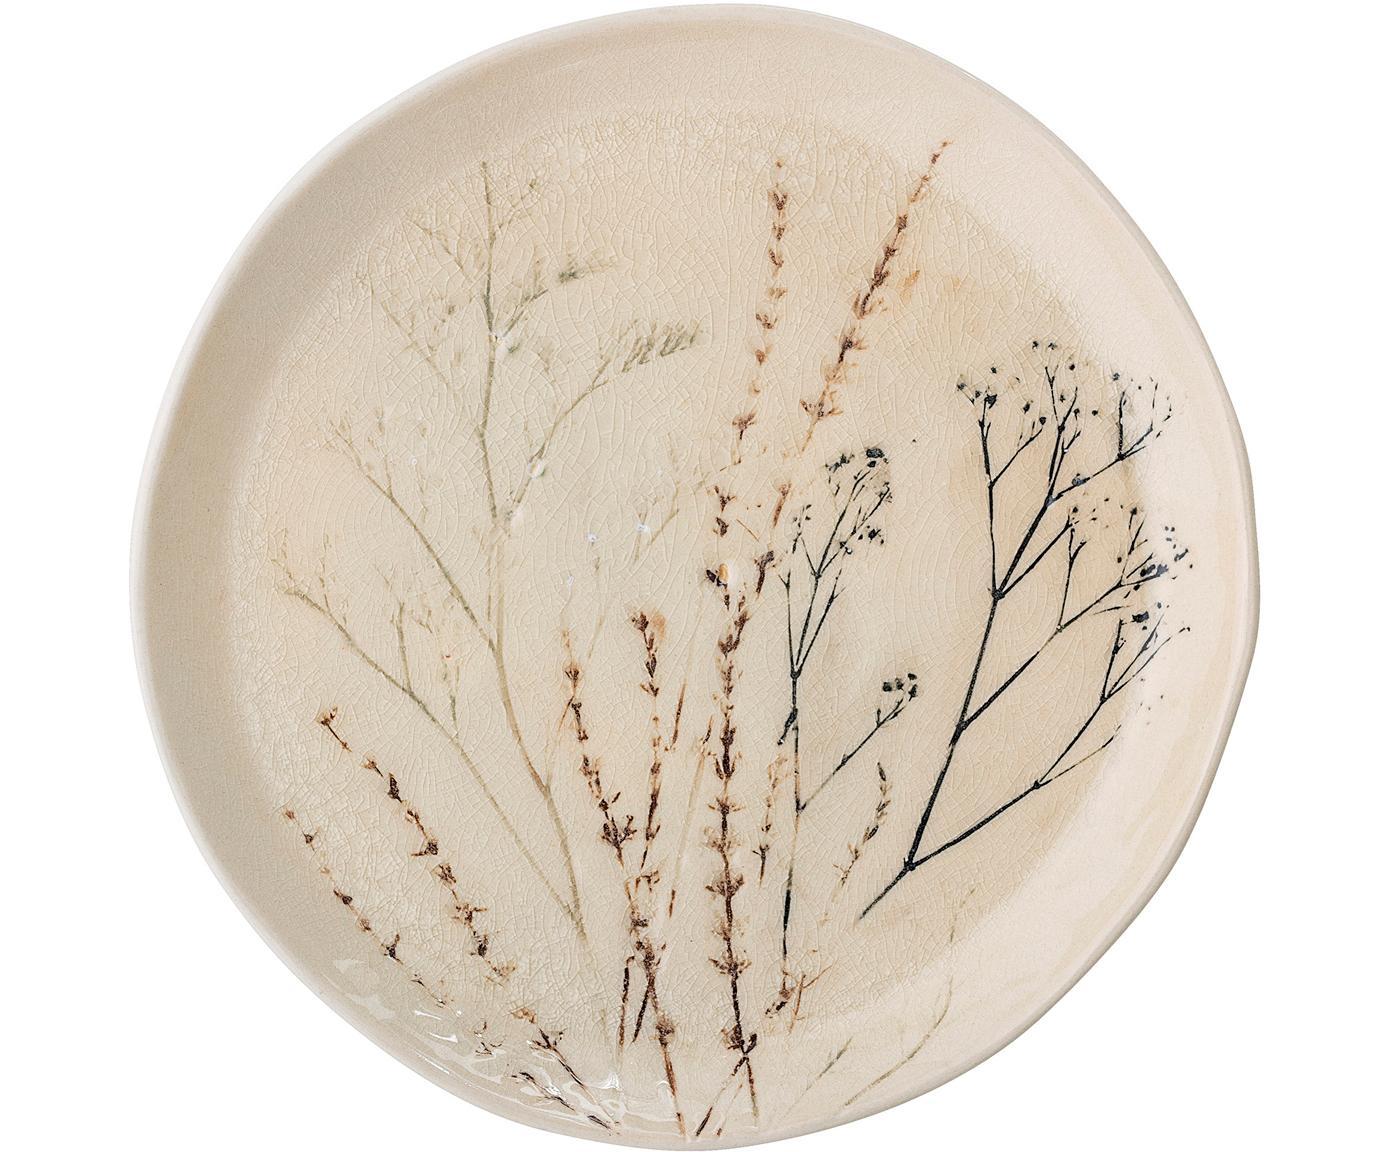 Handgefertigte Servierplatte Bea mit Gräser-Motiv, Steingut, Beige, Mehrfarbig, Ø 28 x H 4 cm